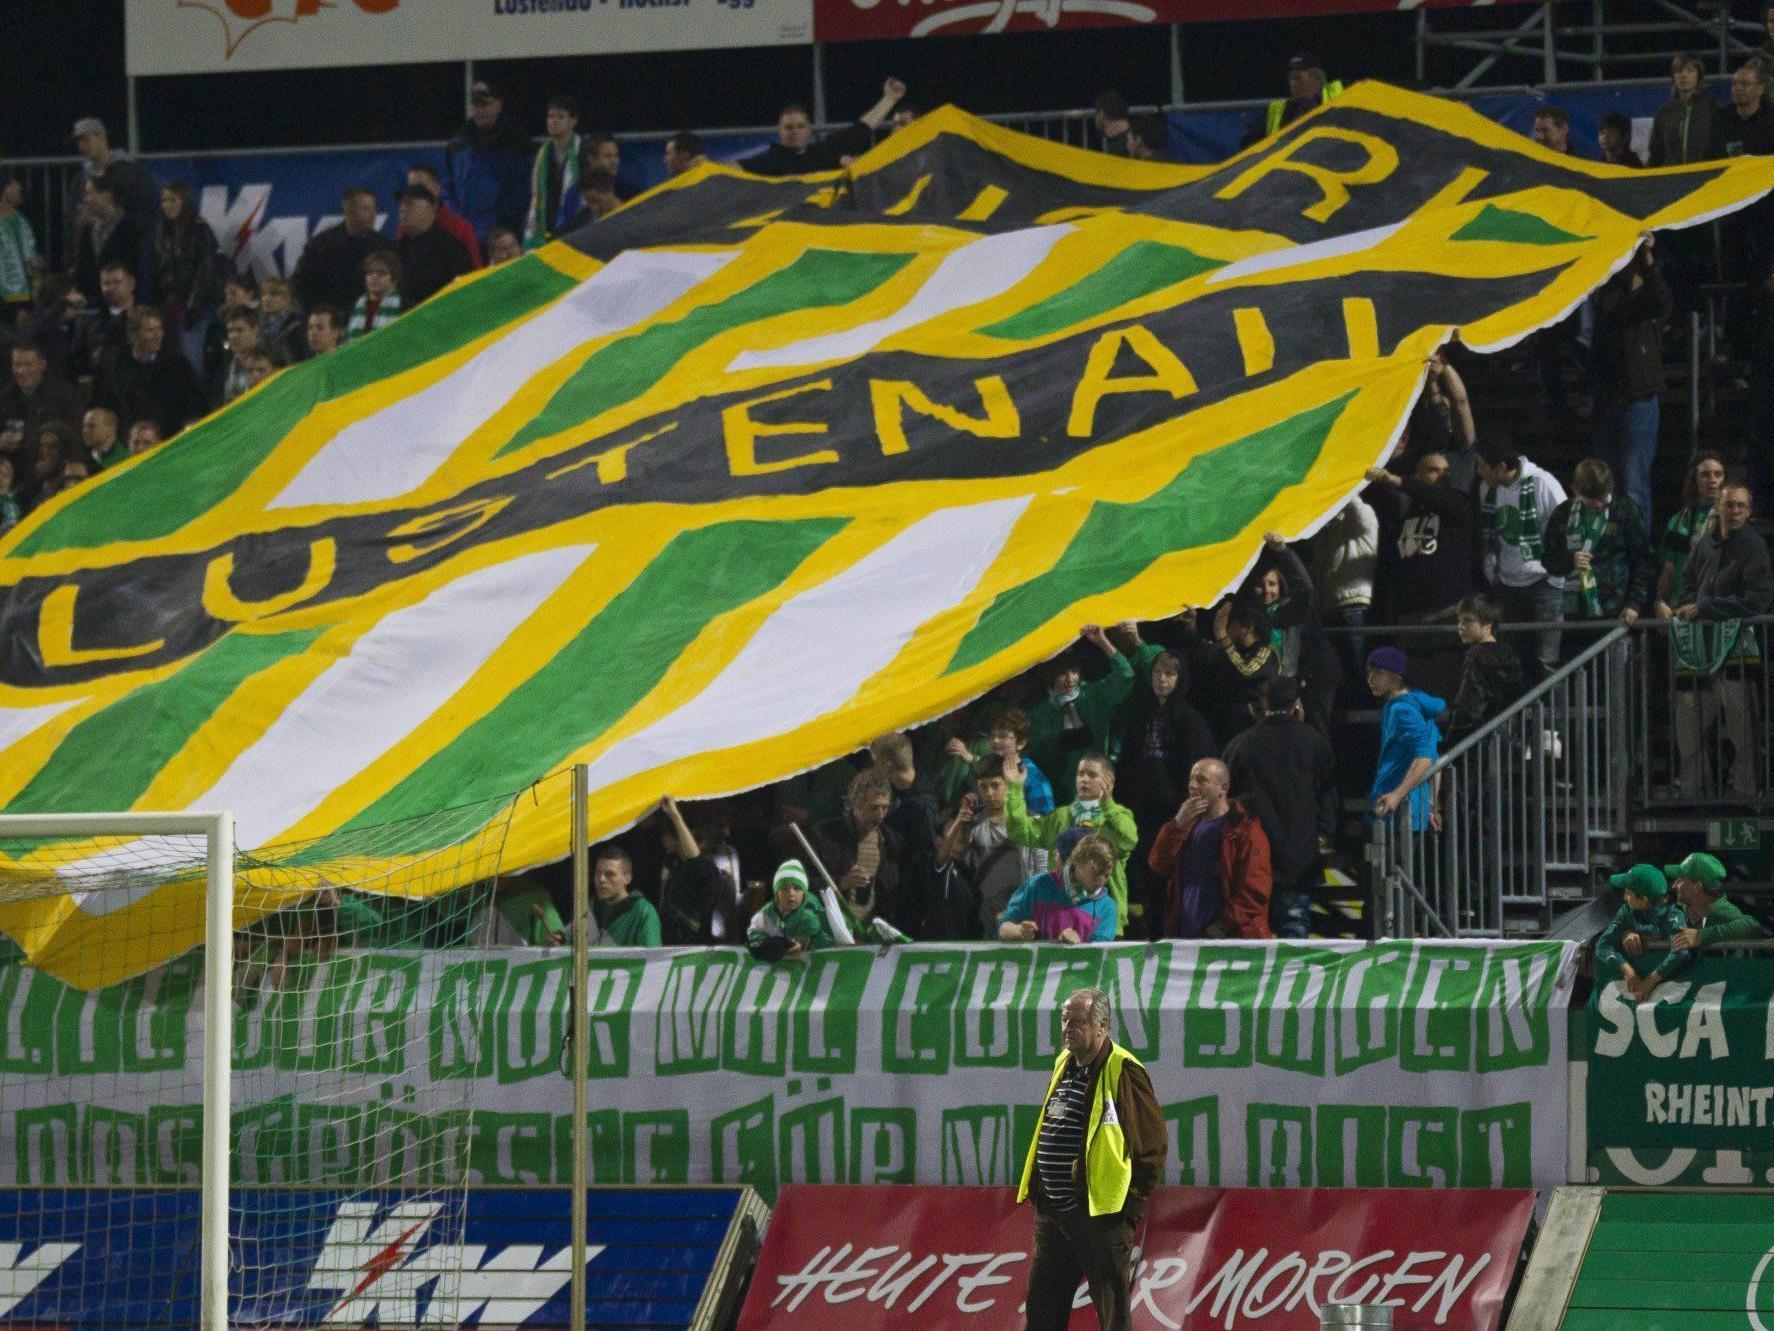 Beim Derby Austria gegen FC kocht die Stimmung im Stadion. Dabei kann es mitunter auch mal rau zugehen.